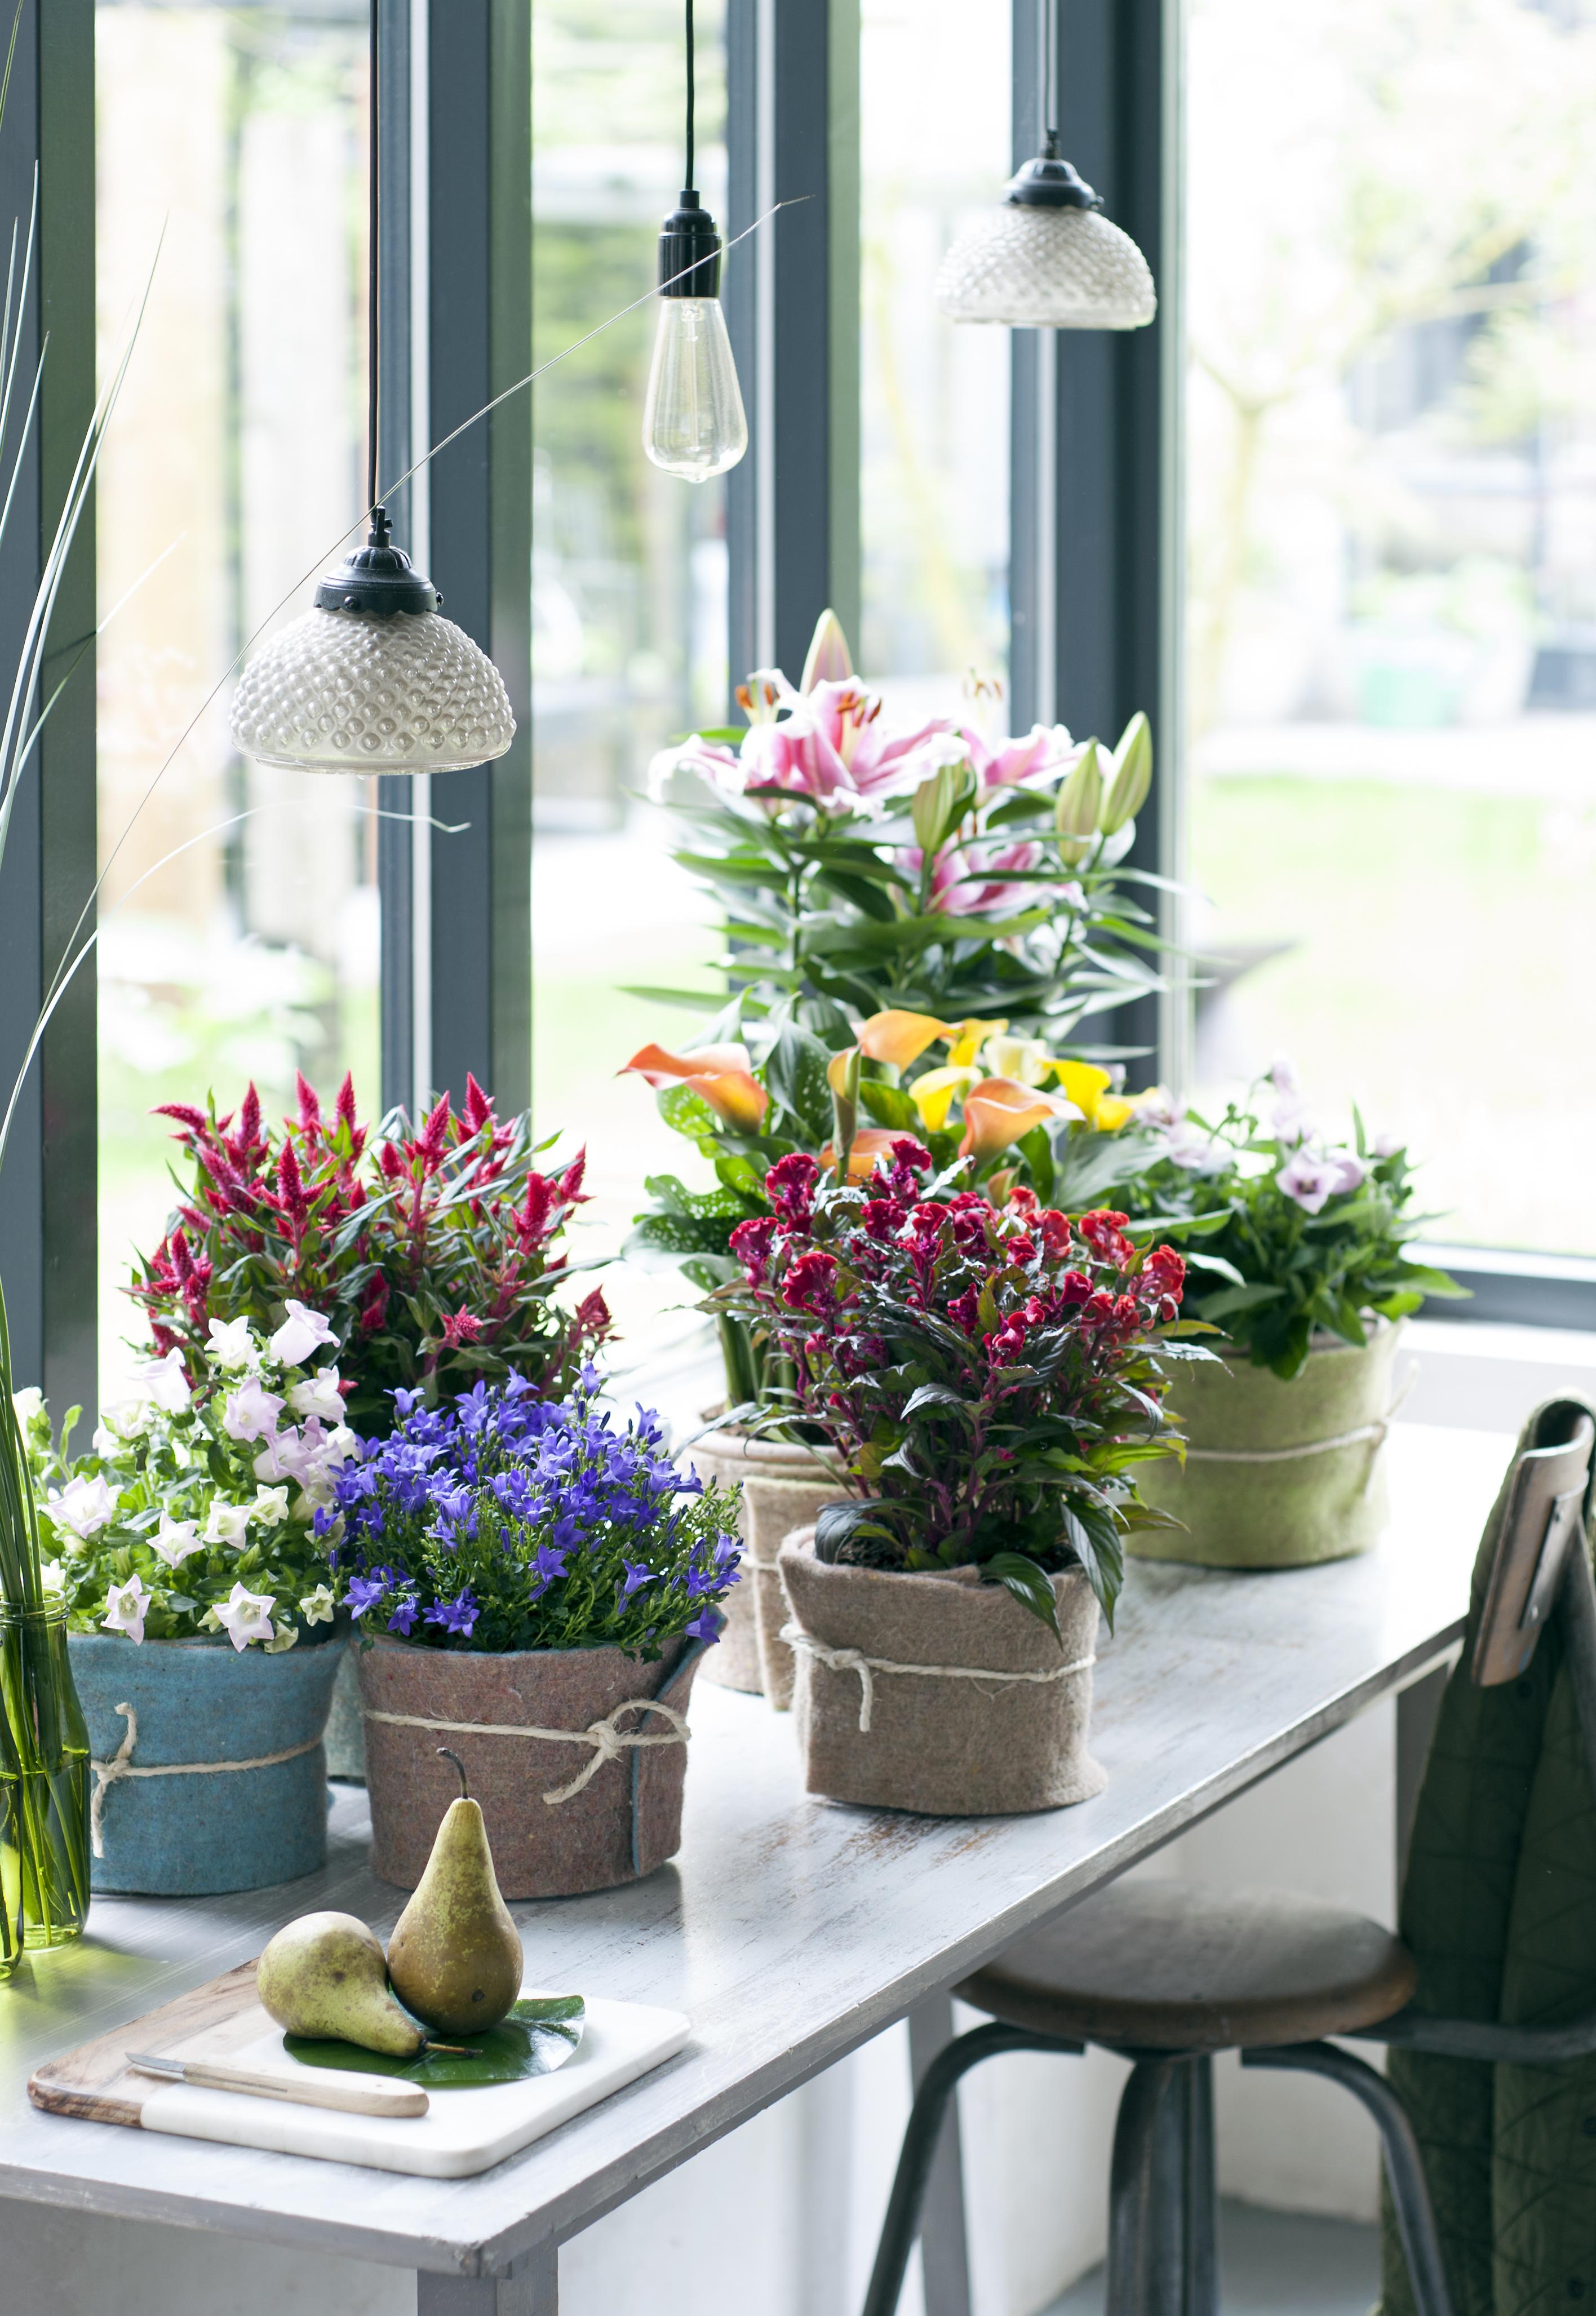 gr ne nomaden sind zimmerpflanzen des monats mai welche zimmerpflanzen nach presseportal. Black Bedroom Furniture Sets. Home Design Ideas